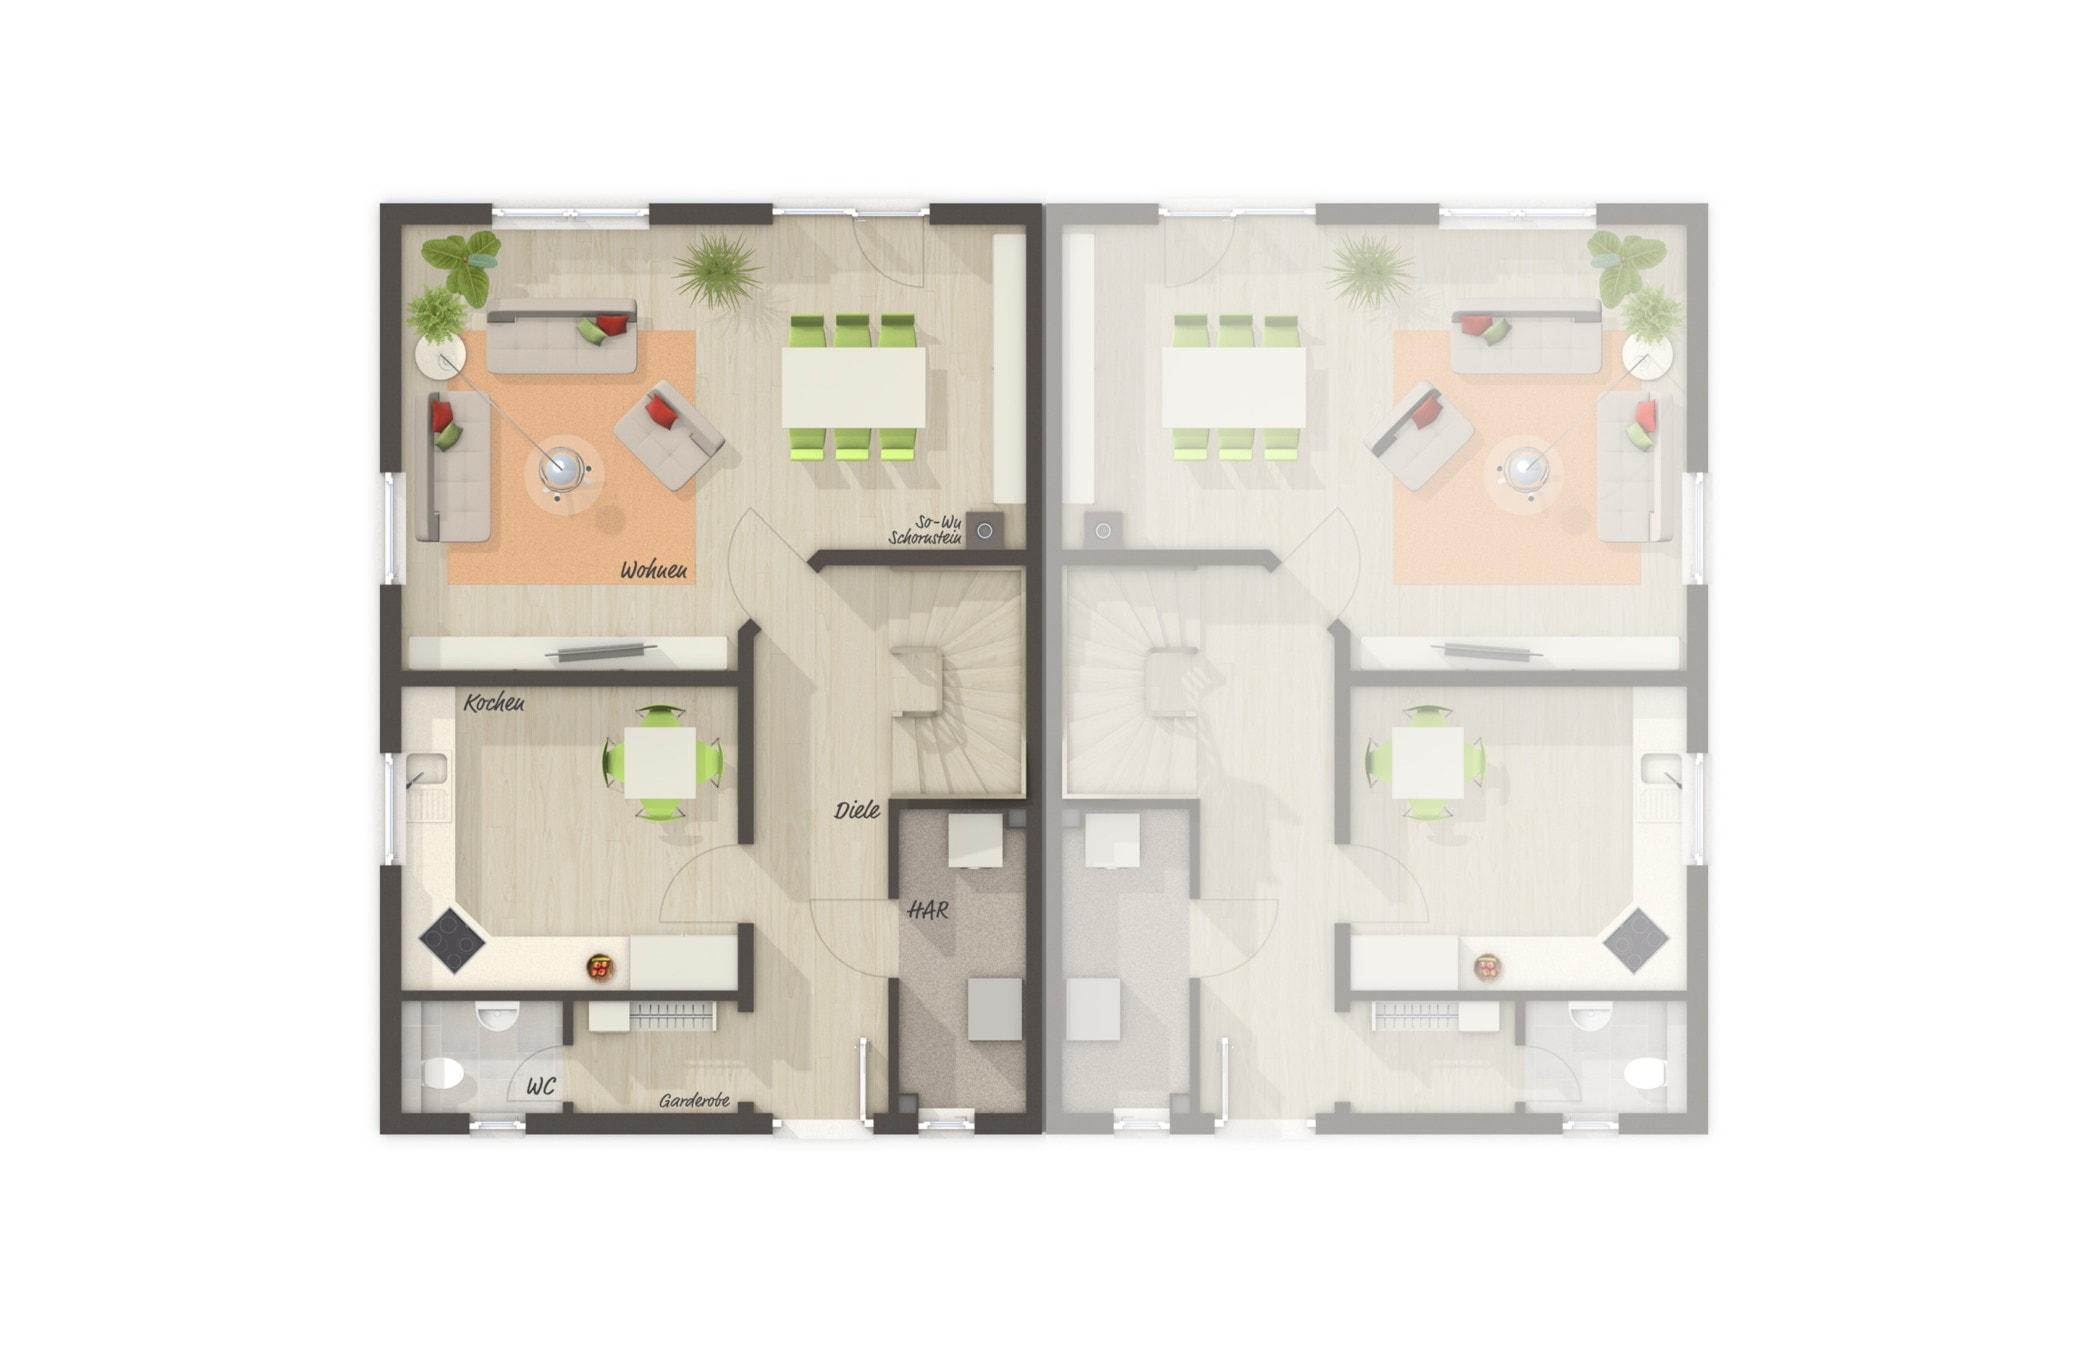 Doppelhaus Grundriss Erdgeschoss, 4 Zimmer, 113 qm - Town Country Massivhaus BEHRINGEN 116 - HausbauDirekt.de